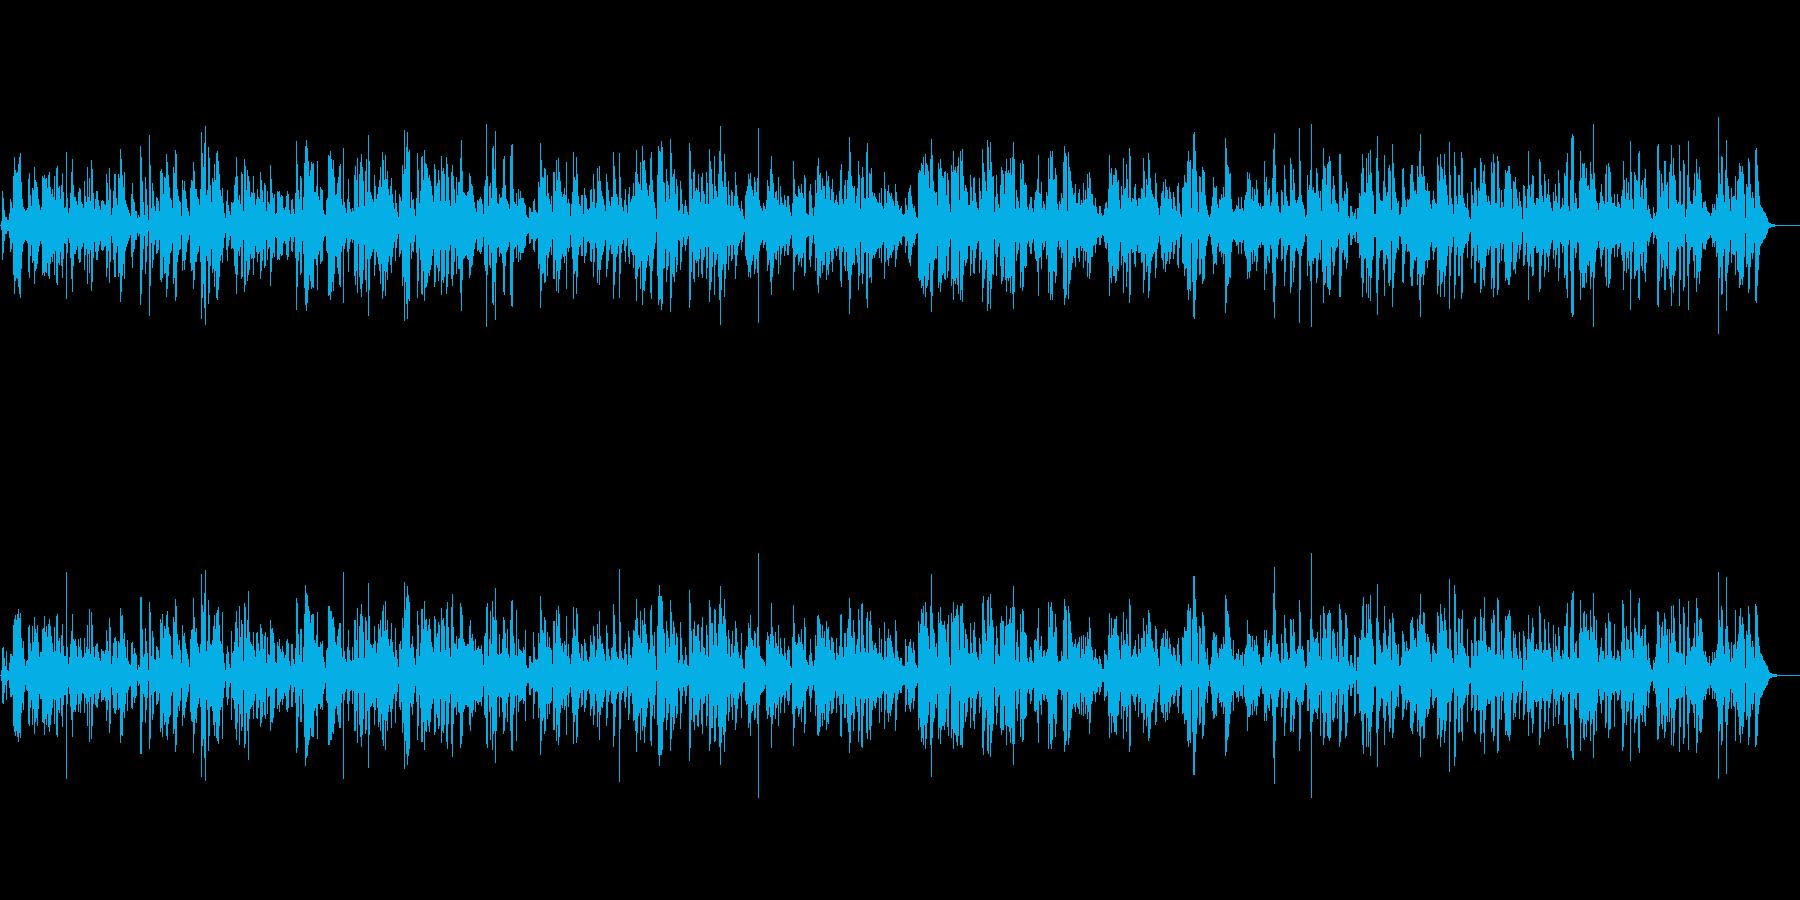 しっとりBARで聴きたい大人のバラードの再生済みの波形